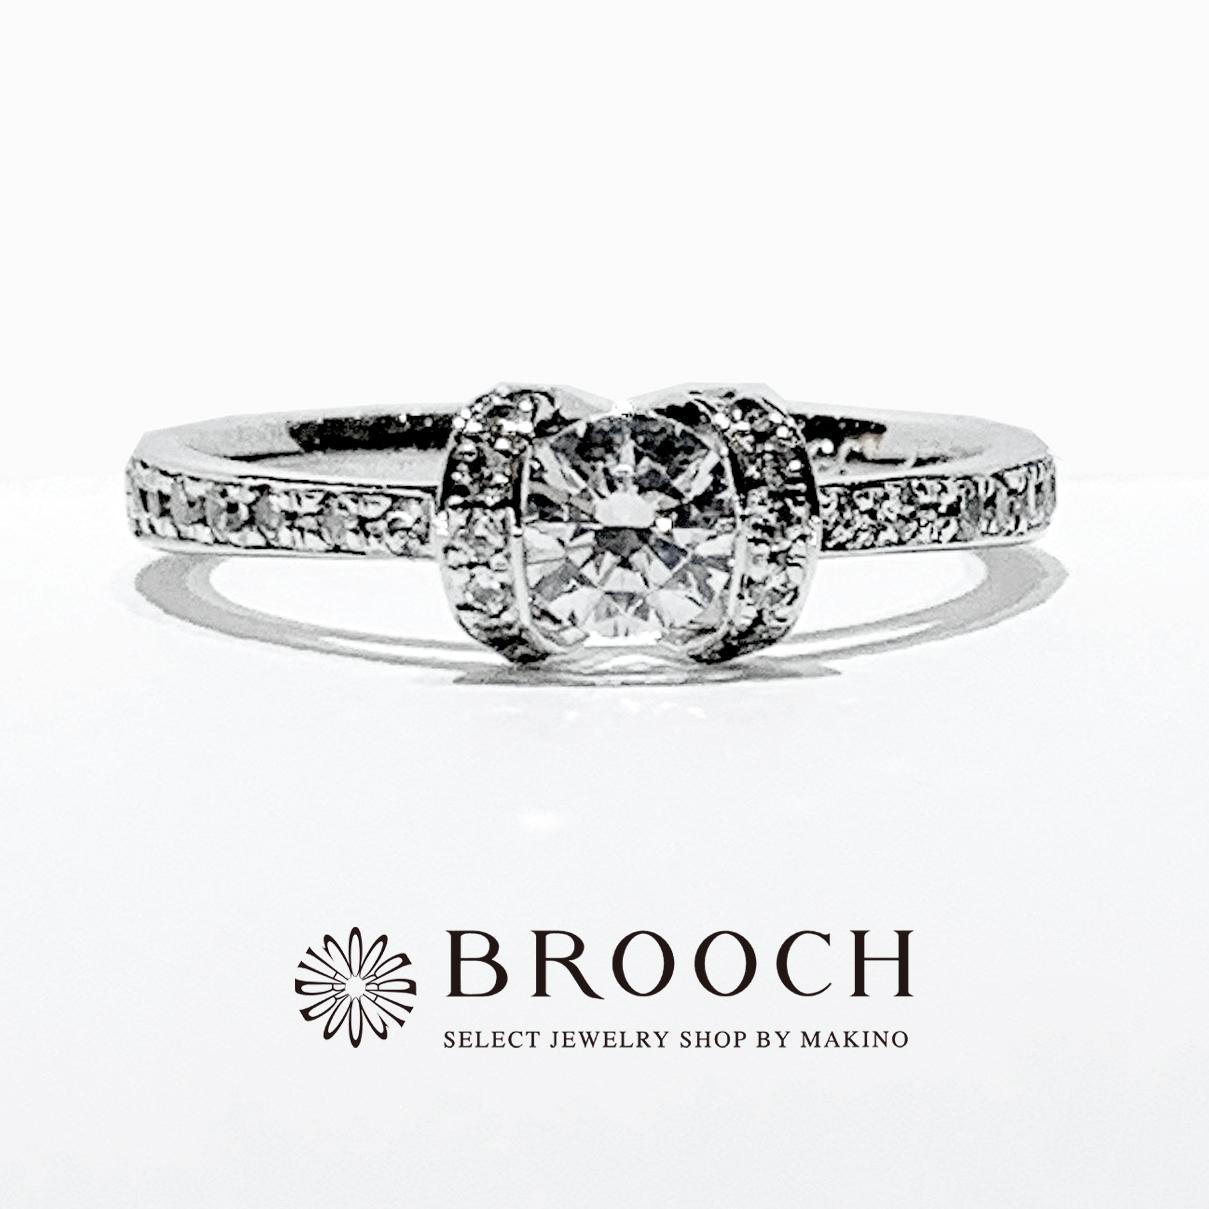 BROOCH 婚約指輪 エンゲージリング 華やかなダイヤモンドライン